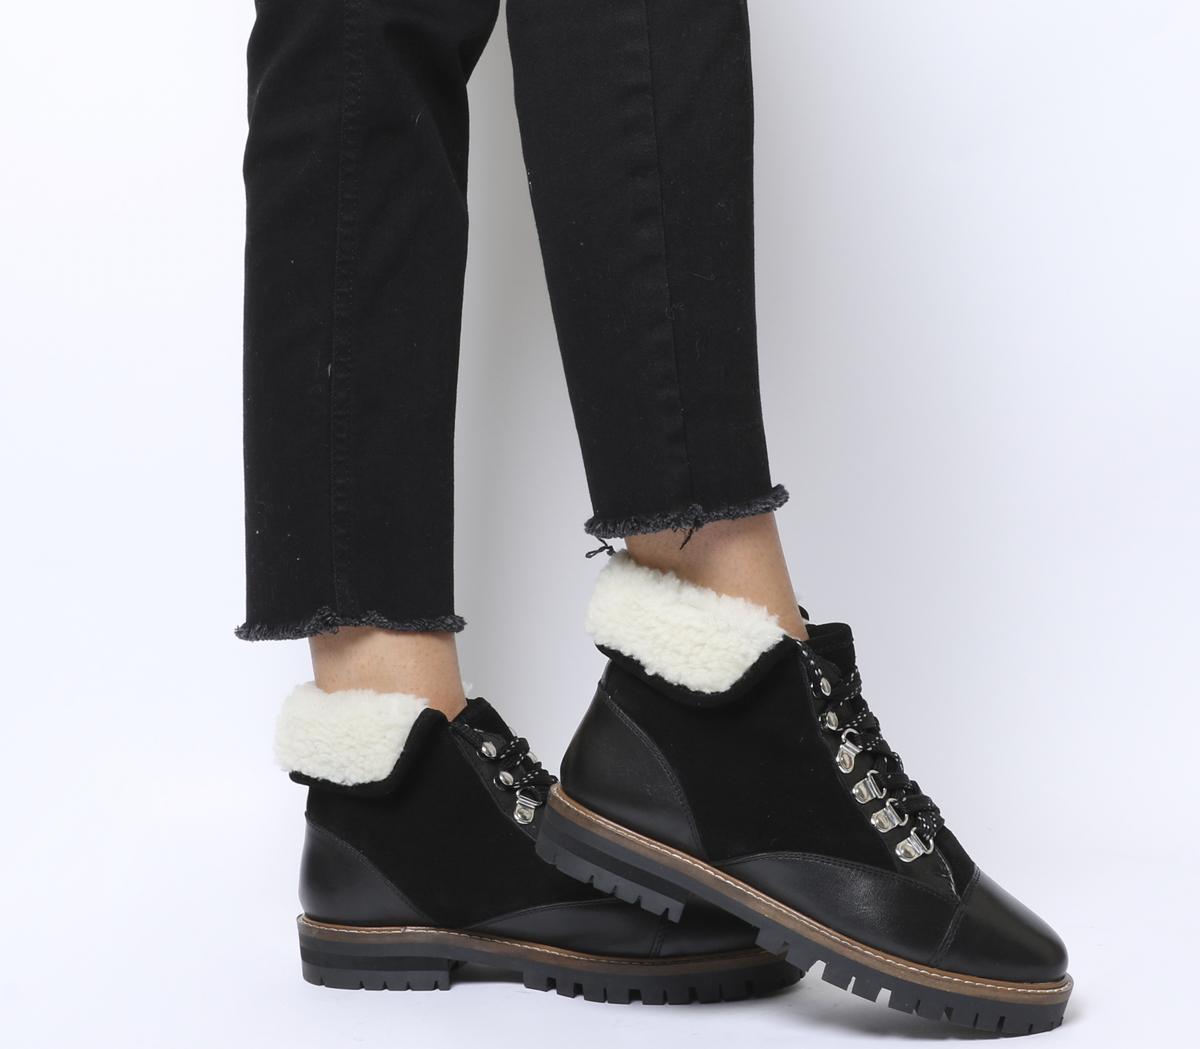 Adams Furline Hiker Boots